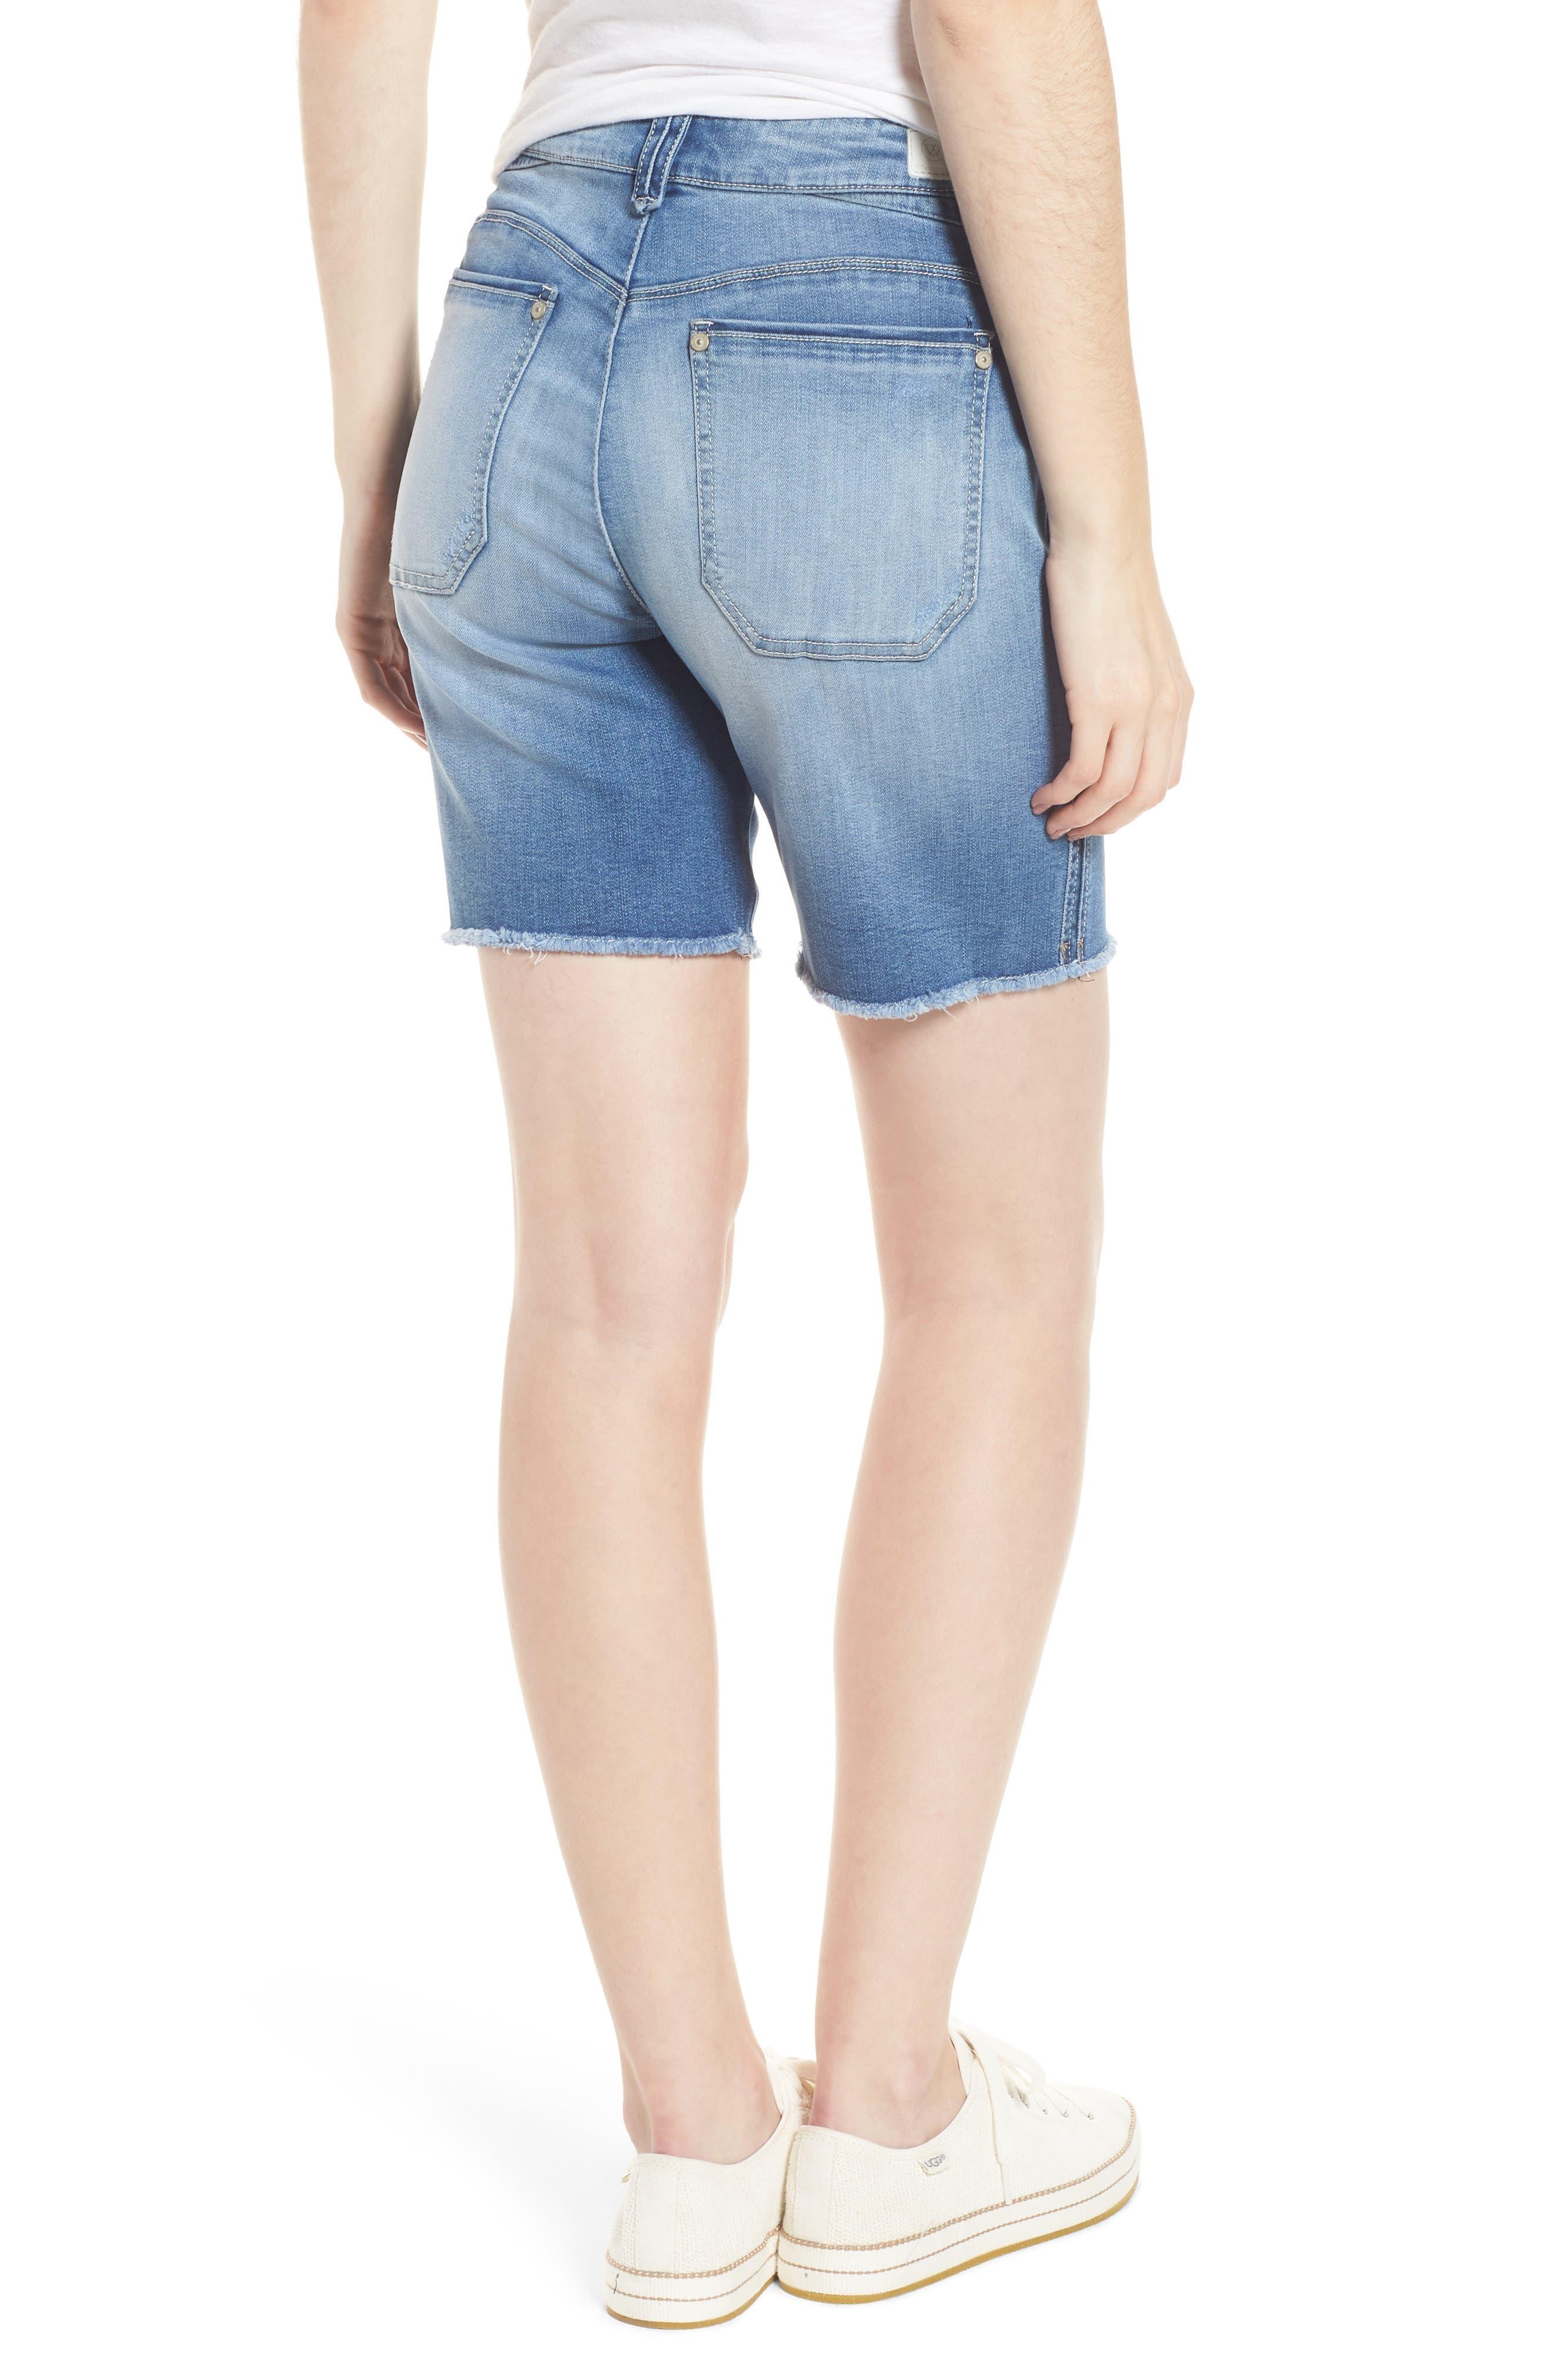 Flex-Ellent High Rise Denim Shorts,                             Alternate thumbnail 2, color,                             458